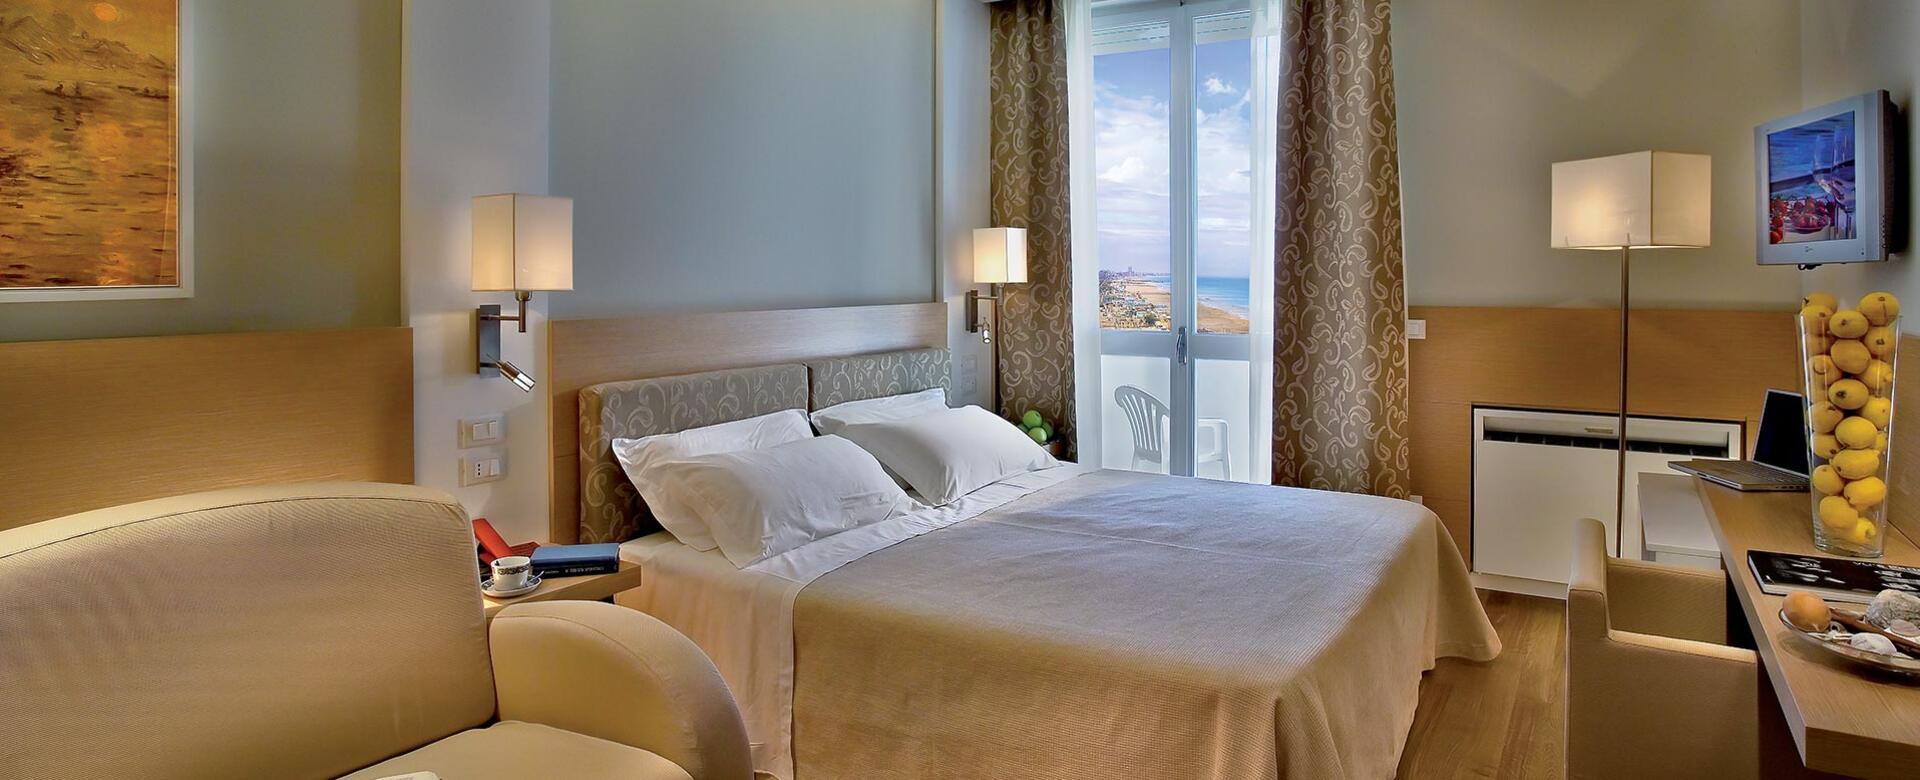 alexandraplaza it camere-hotel-riccione 005